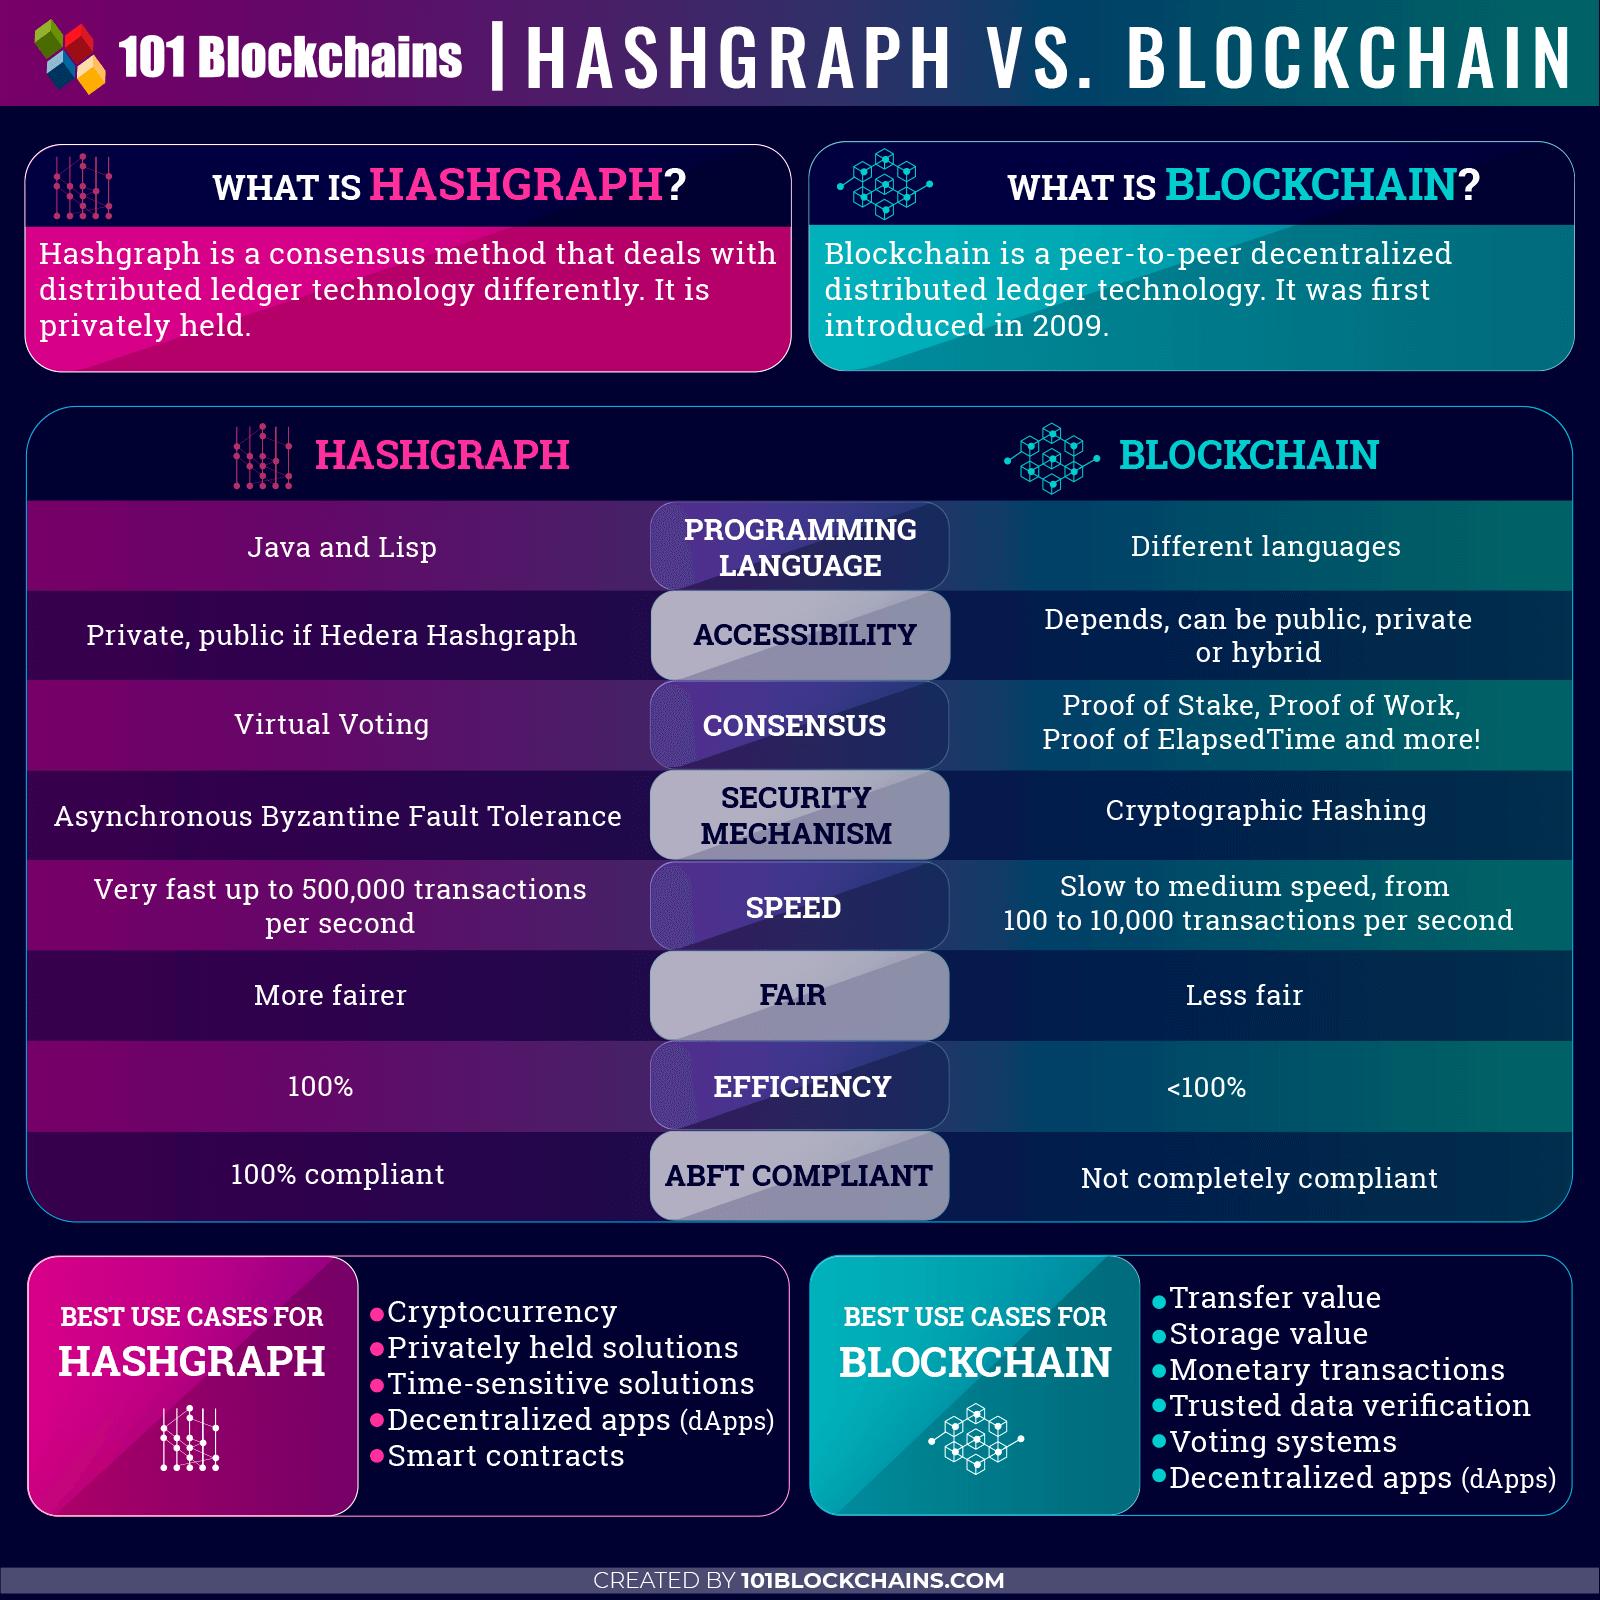 Hashgraph vs blockchain